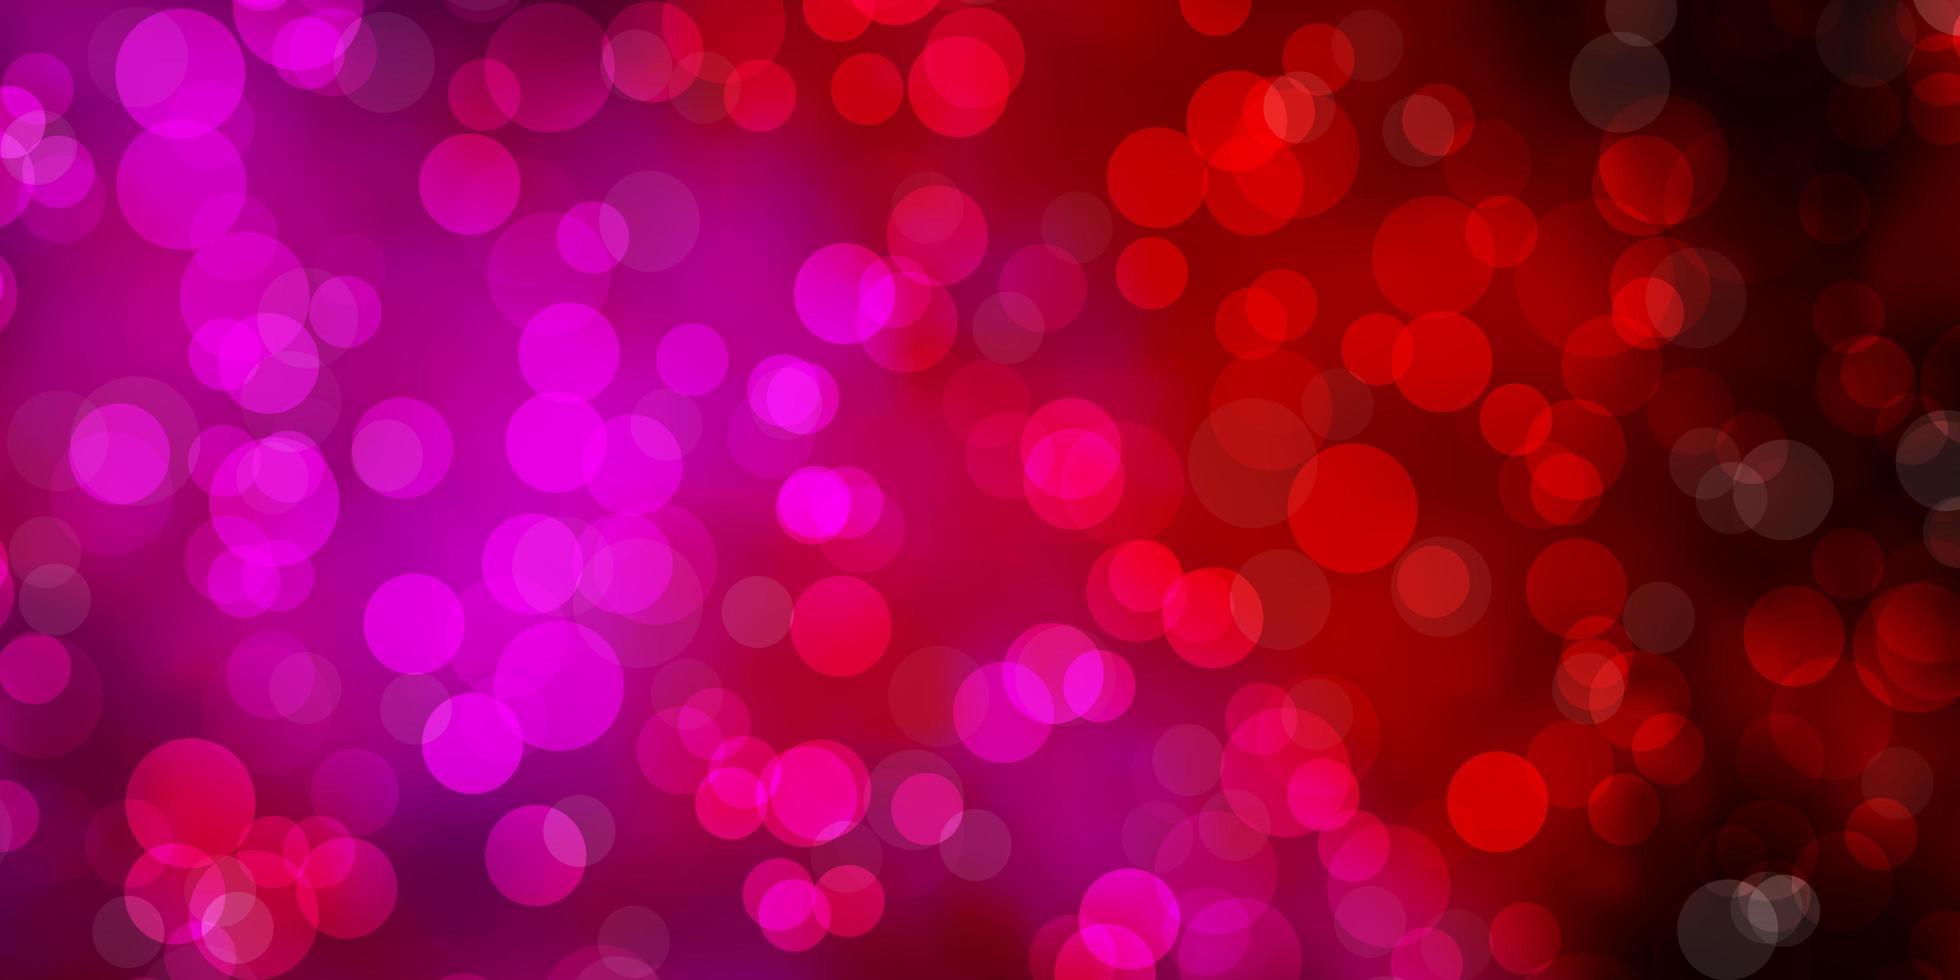 mörk lila, rosa vektor konsistens med cirklar.